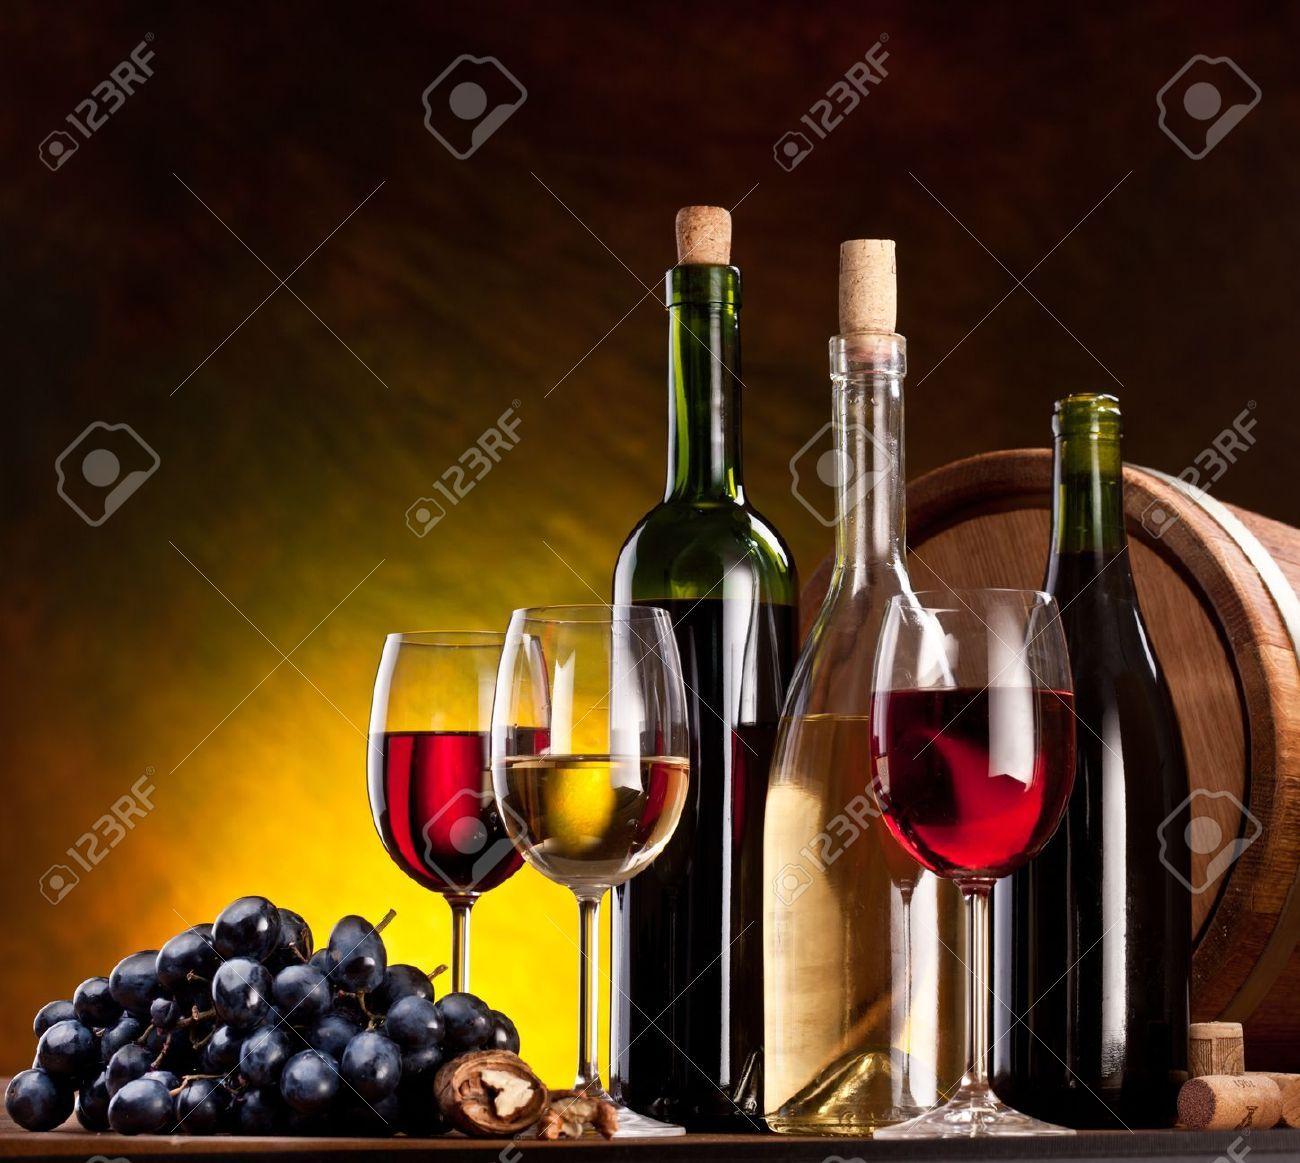 Pinturas de botellas de vino y copas buscar con google - Botelleros de vino ...